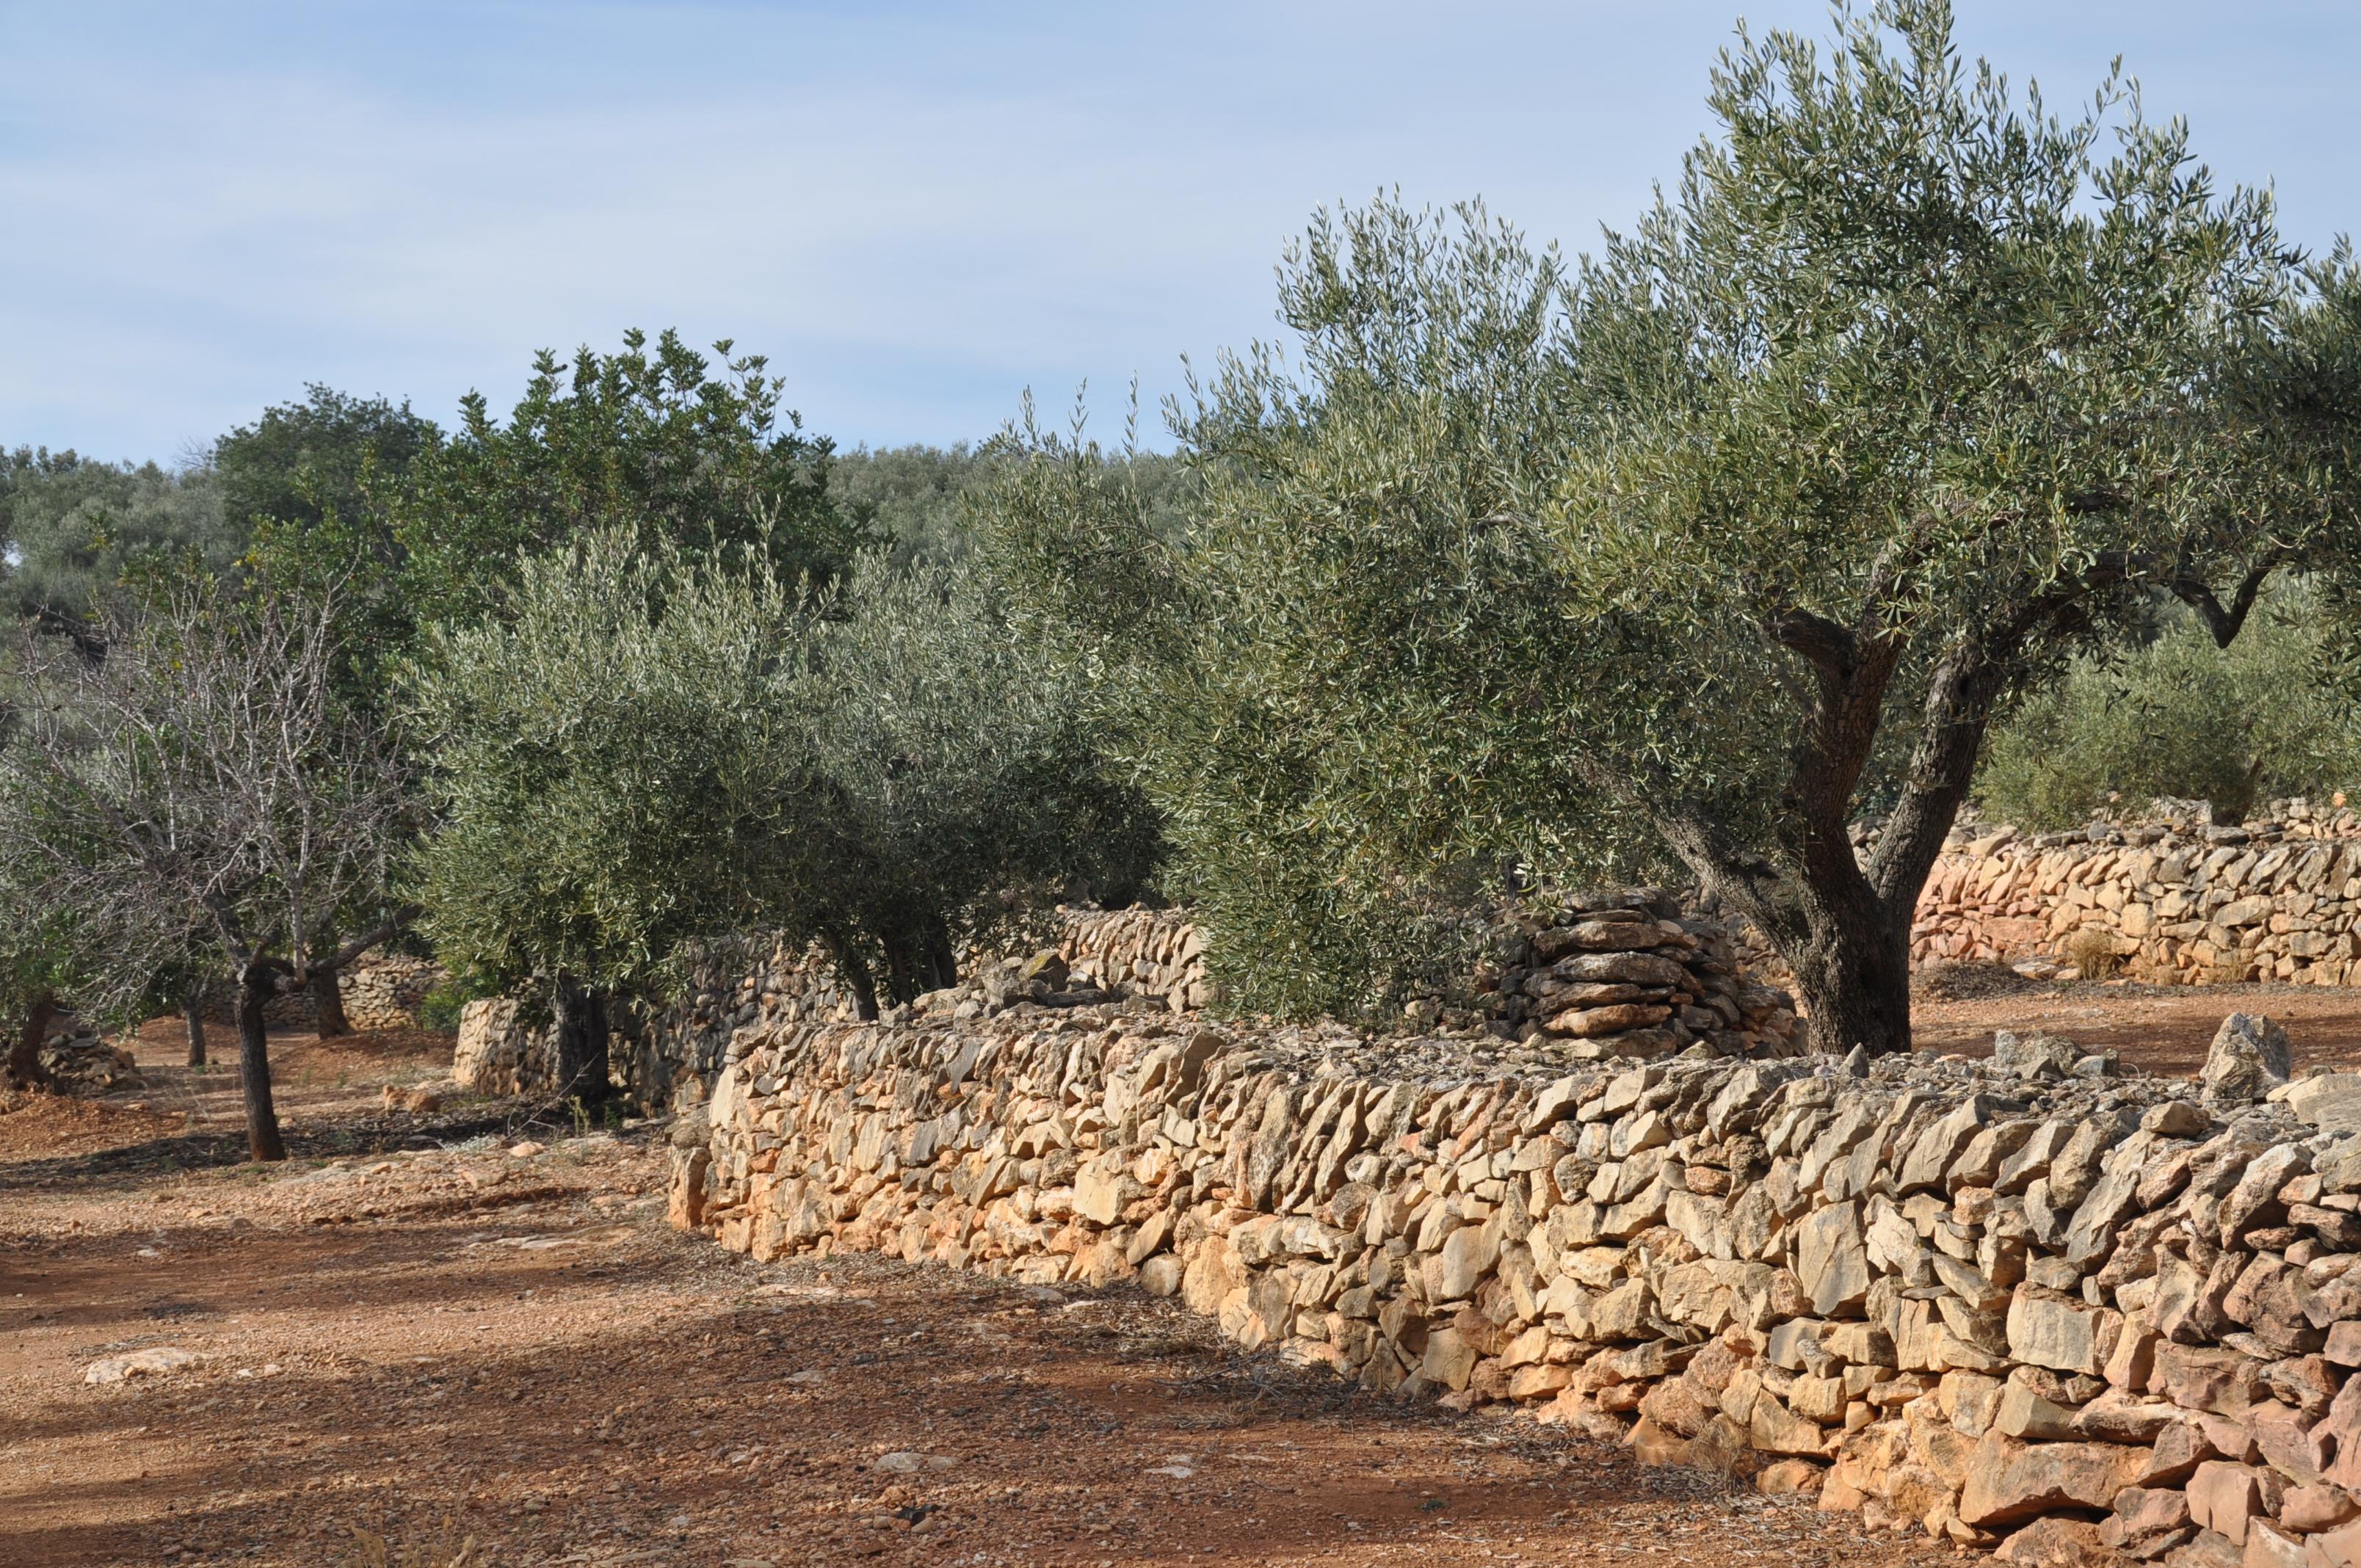 Terrassen sind charakteristisch für die Landschaft der Region